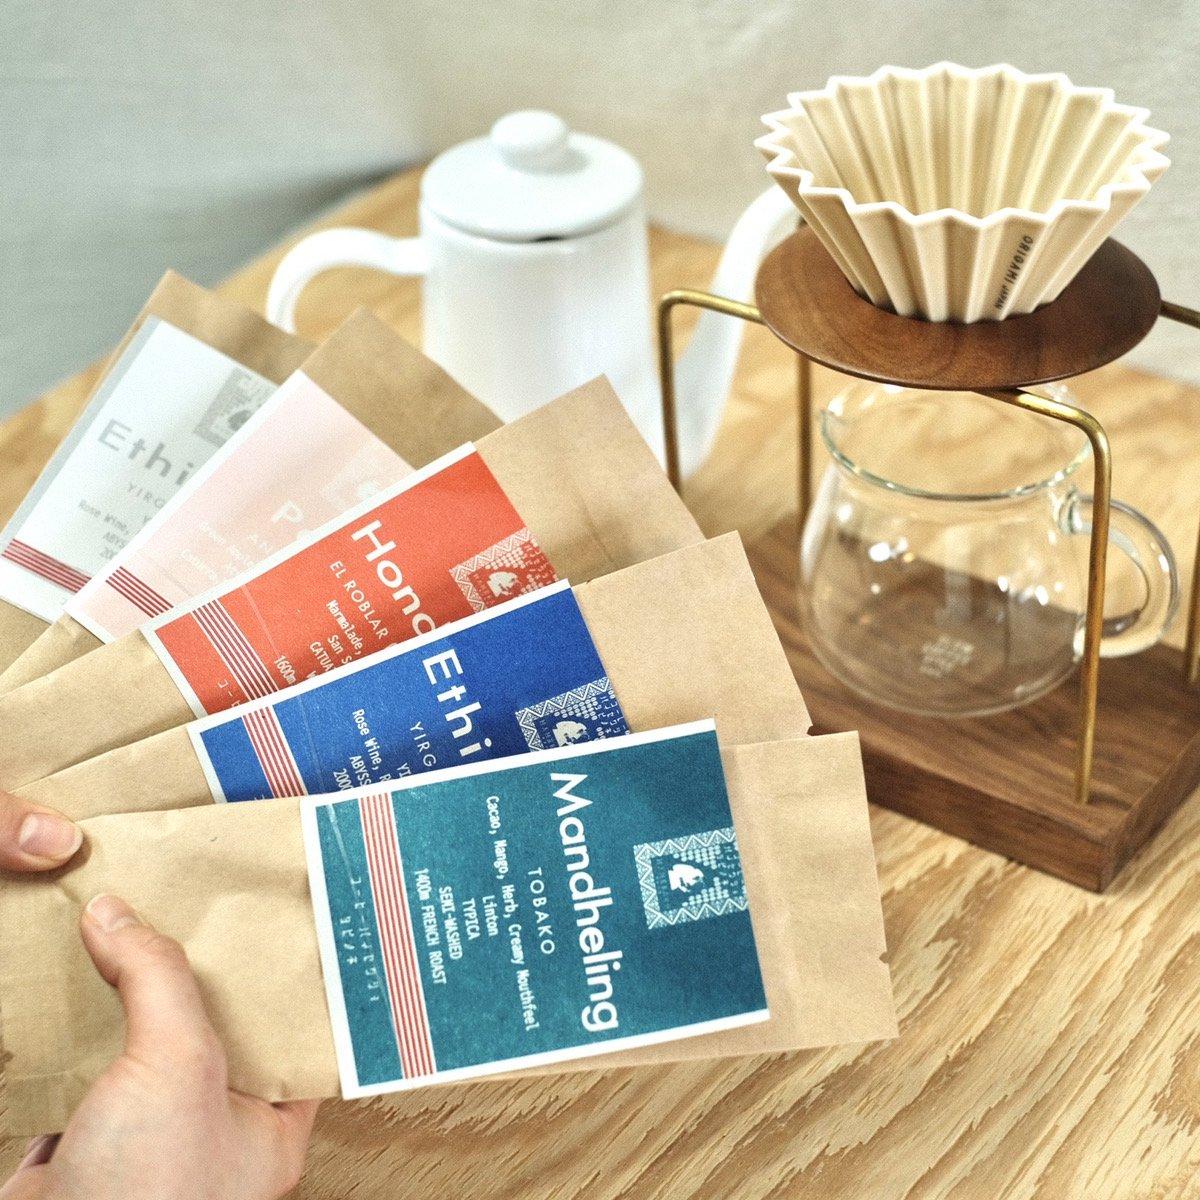 【初回限定】タビノネのコーヒーお試しセット<br>送料無料